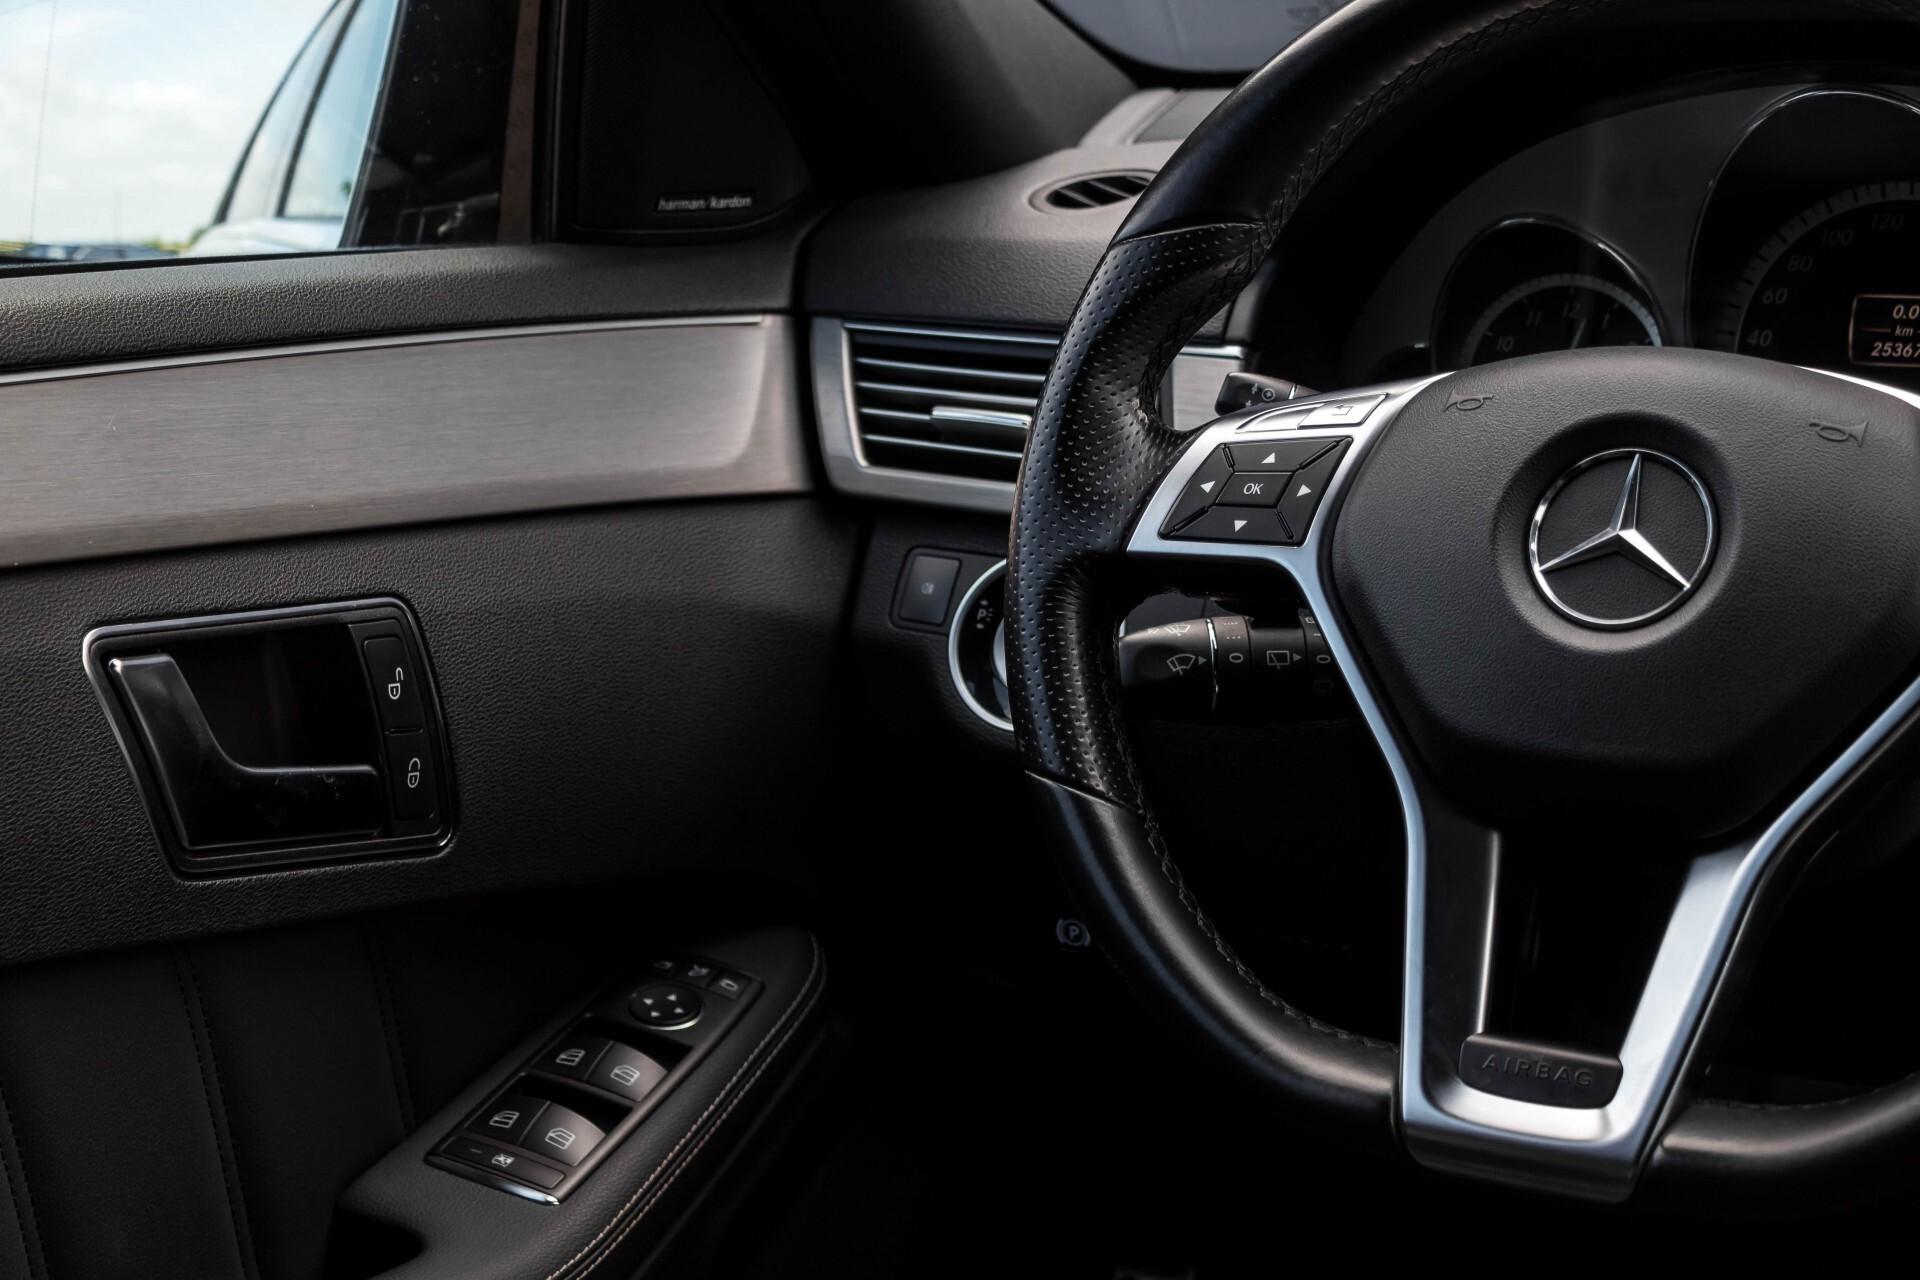 Mercedes-Benz E-Klasse Estate 350 Cdi AMG Luchtvering/Schuifdak/Comand/Harman Kardon/ILS Aut7 Foto 43